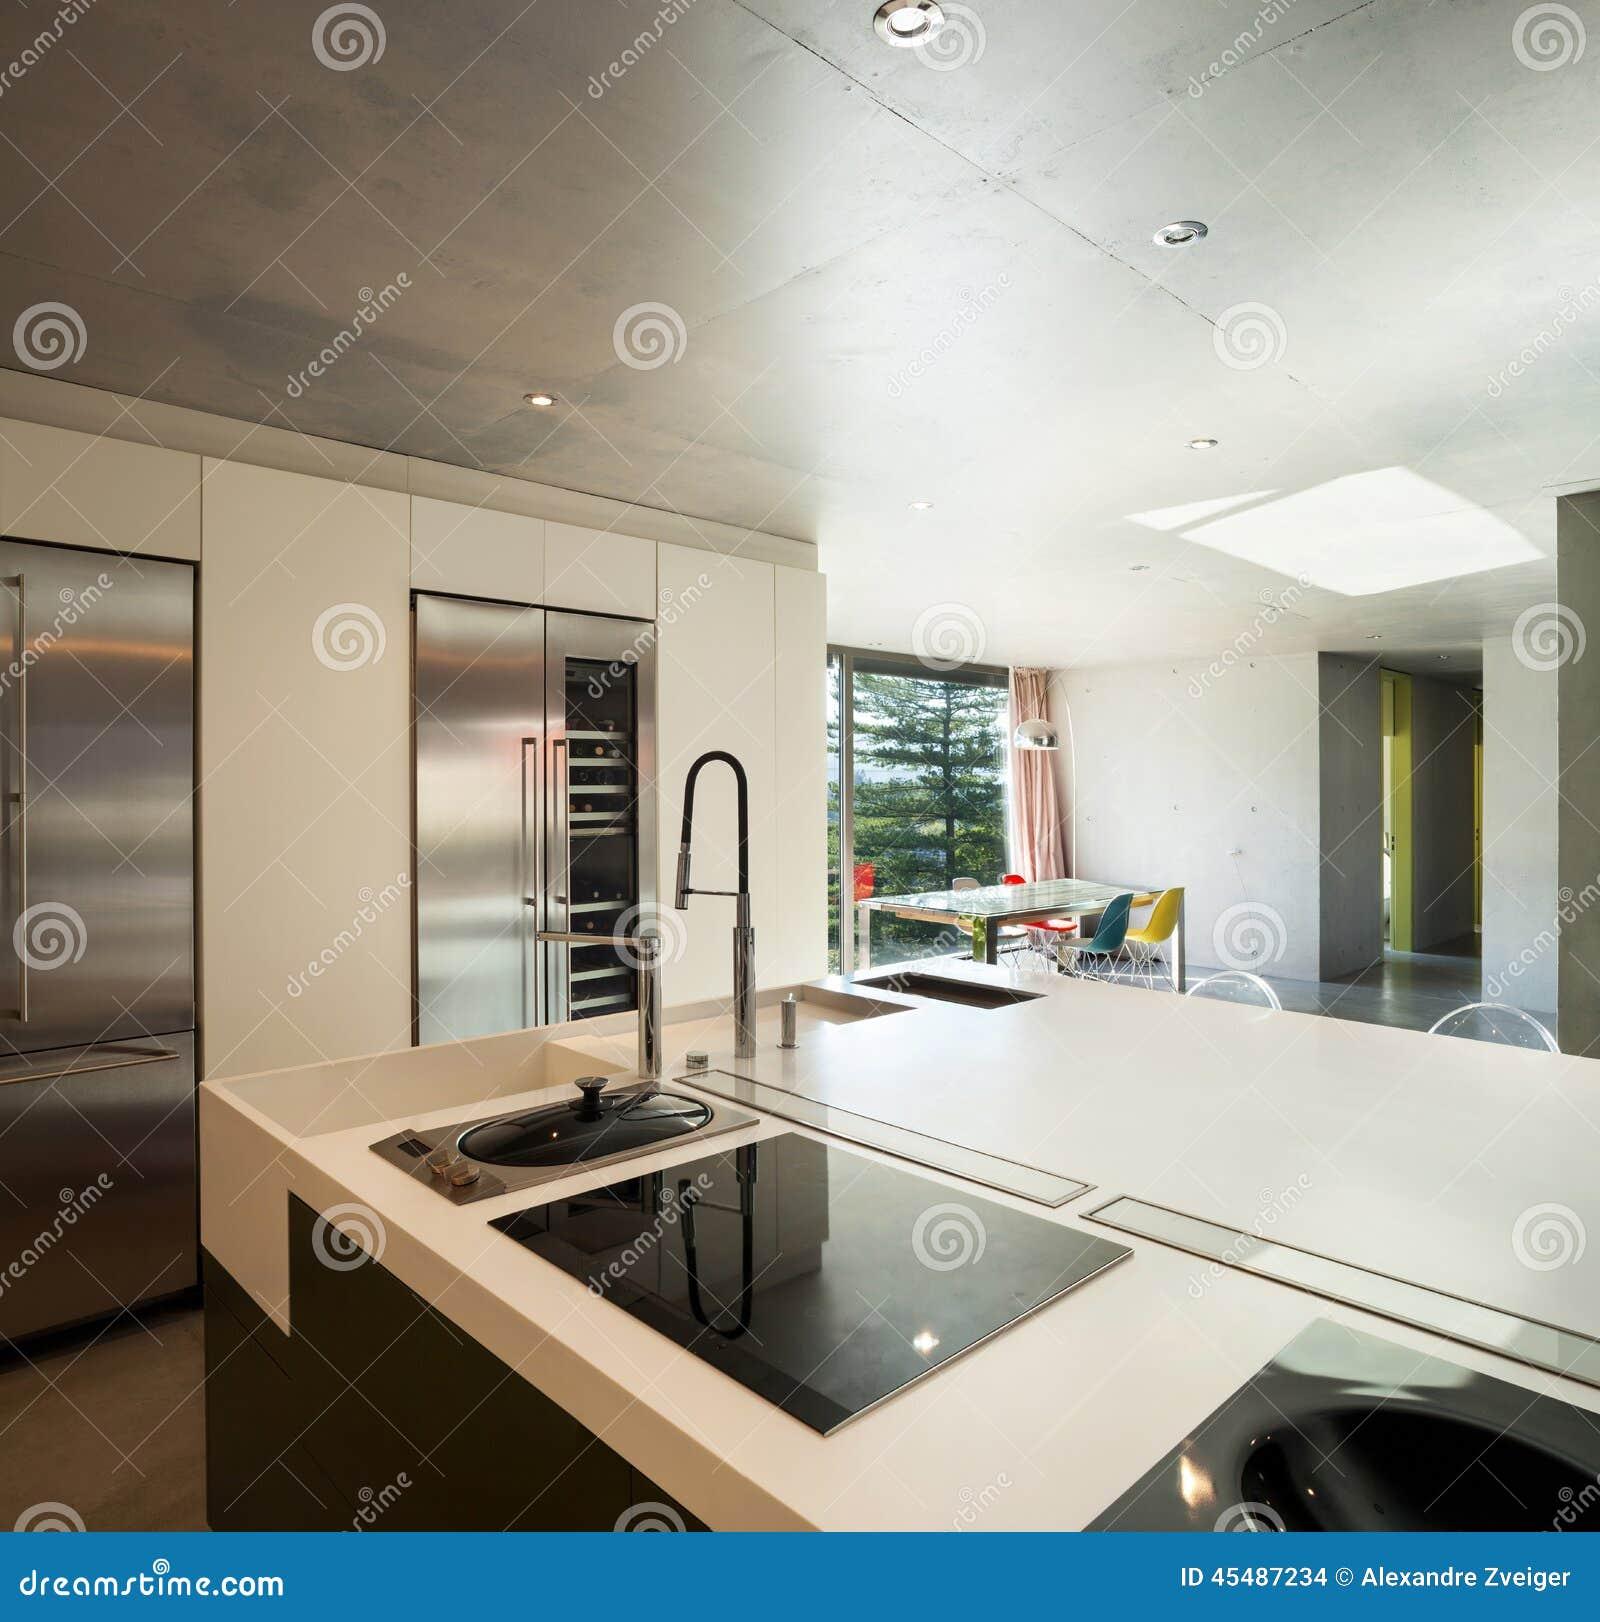 #7E684D Casa Moderna Interior Cozinha Foto de Stock Imagem: 45487234 1300x1335 px Cozinha Casa Design_397 Imagens